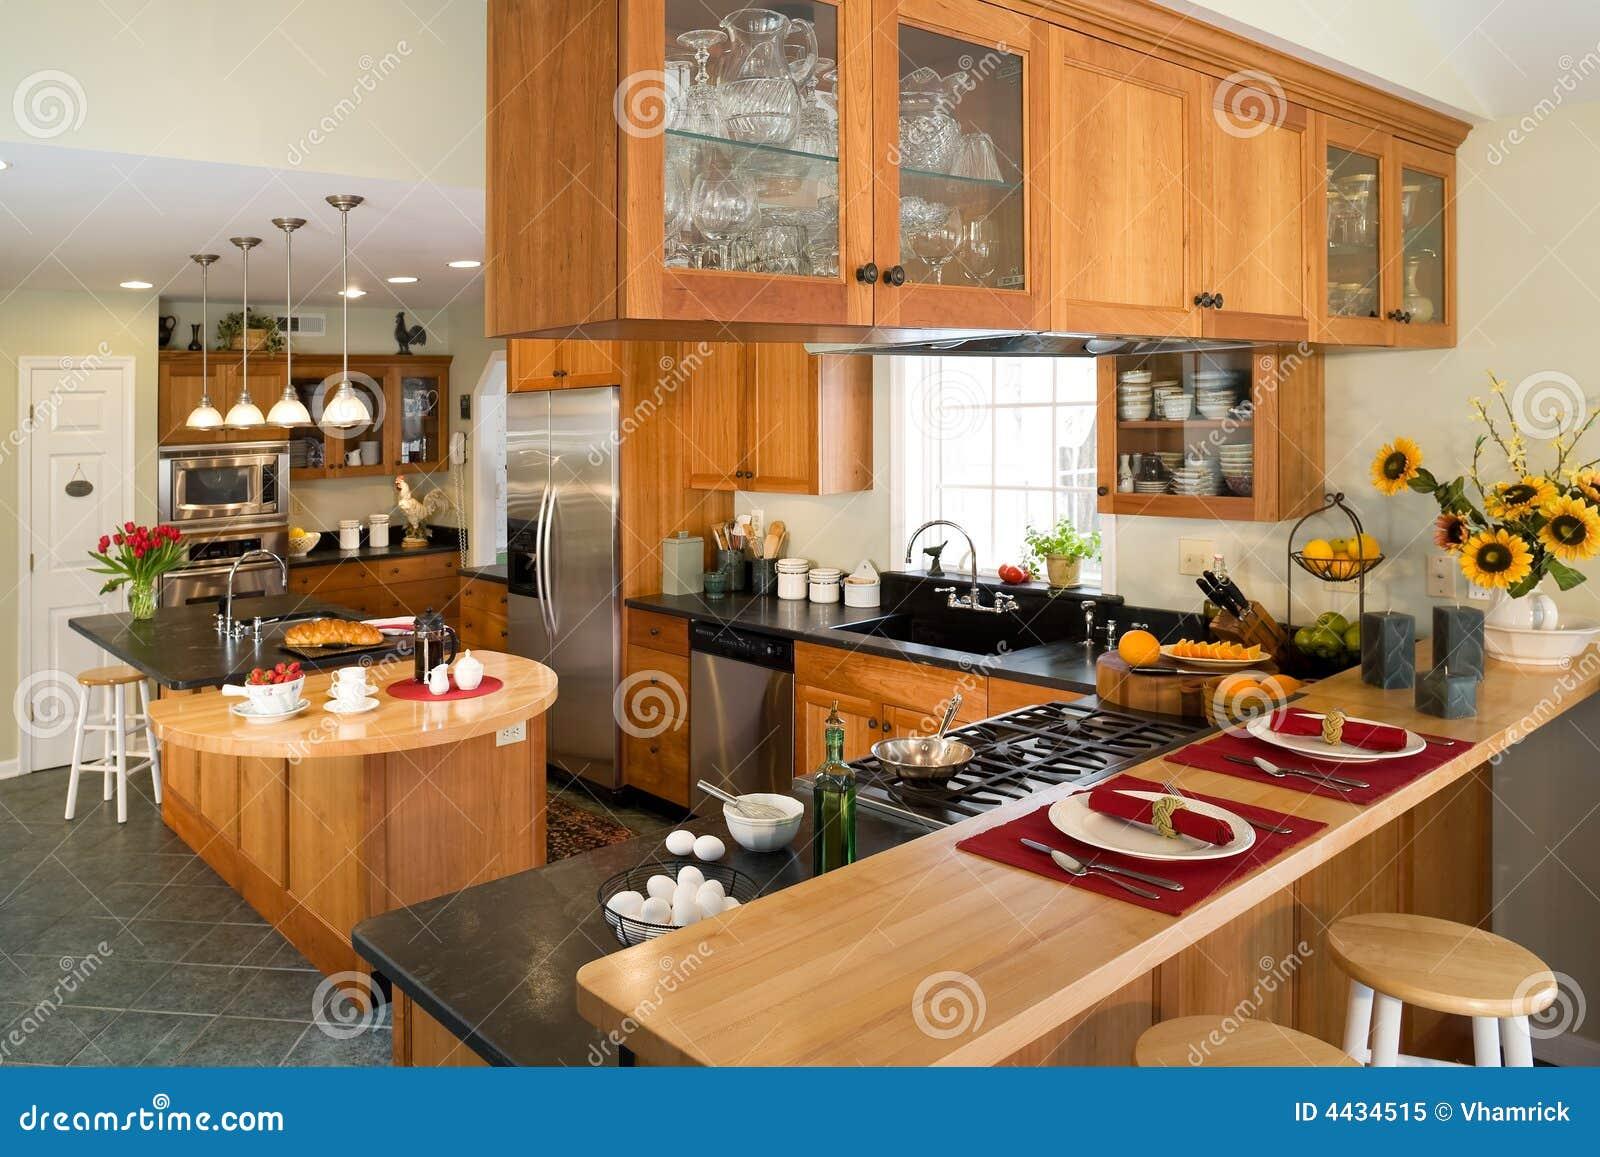 Cozinha Moderna Do Gourmet Com Pequeno Almo O Imagem De Stock